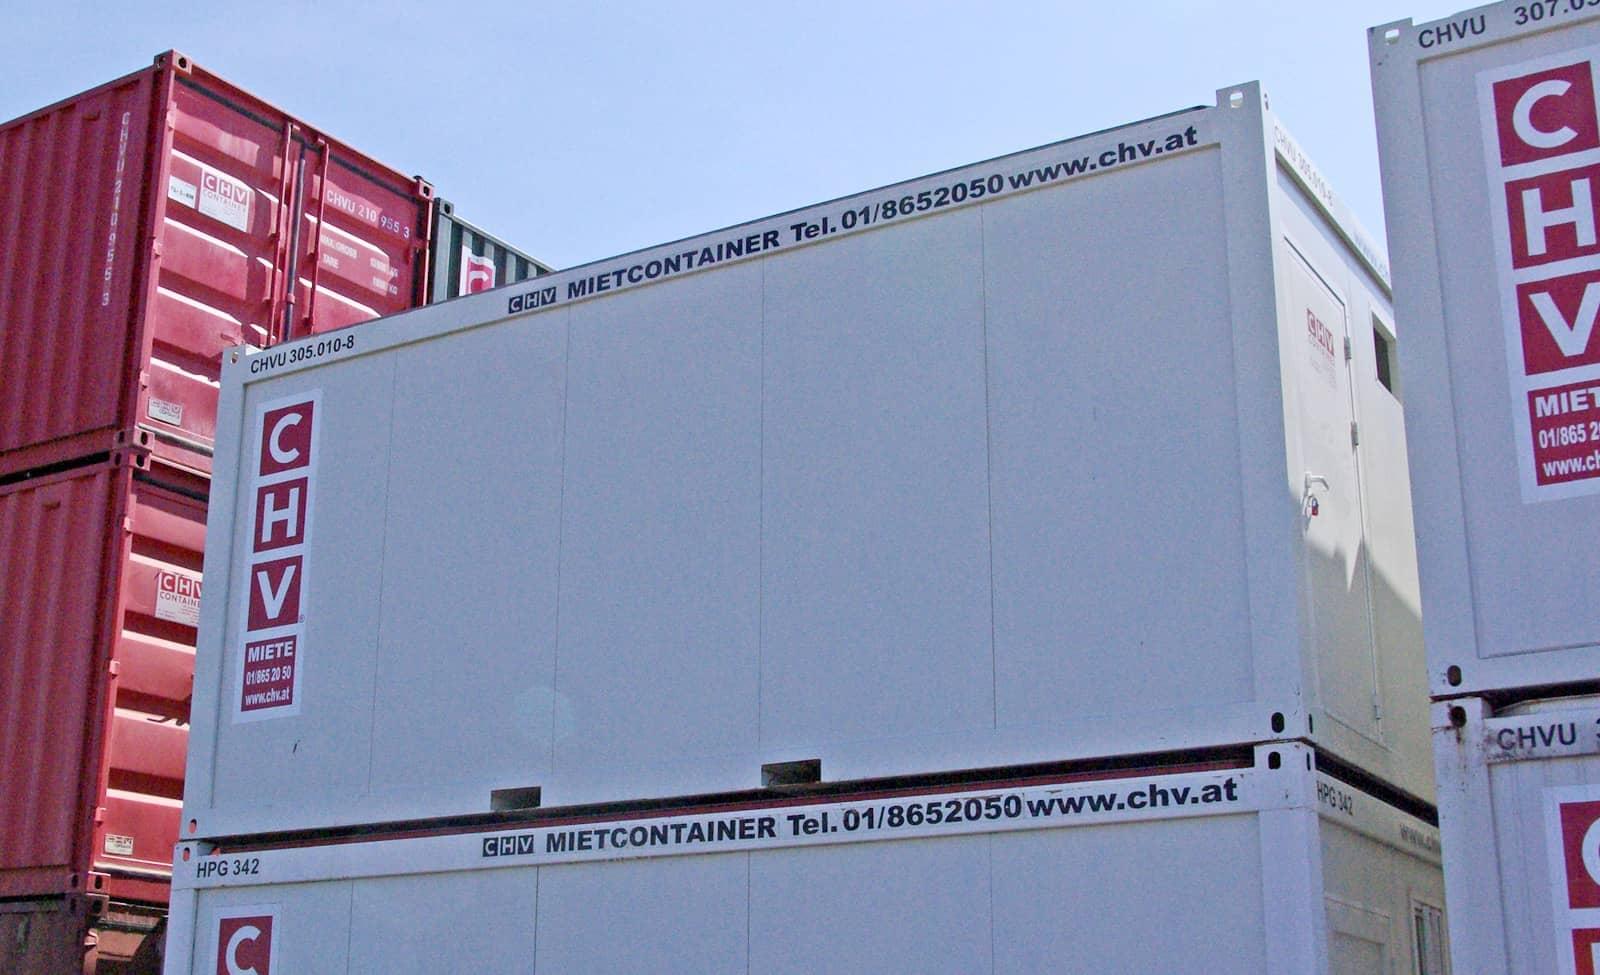 CHV Gebruchtmarkt 20ft Bürocontainer Fenster seitlich gebraucht